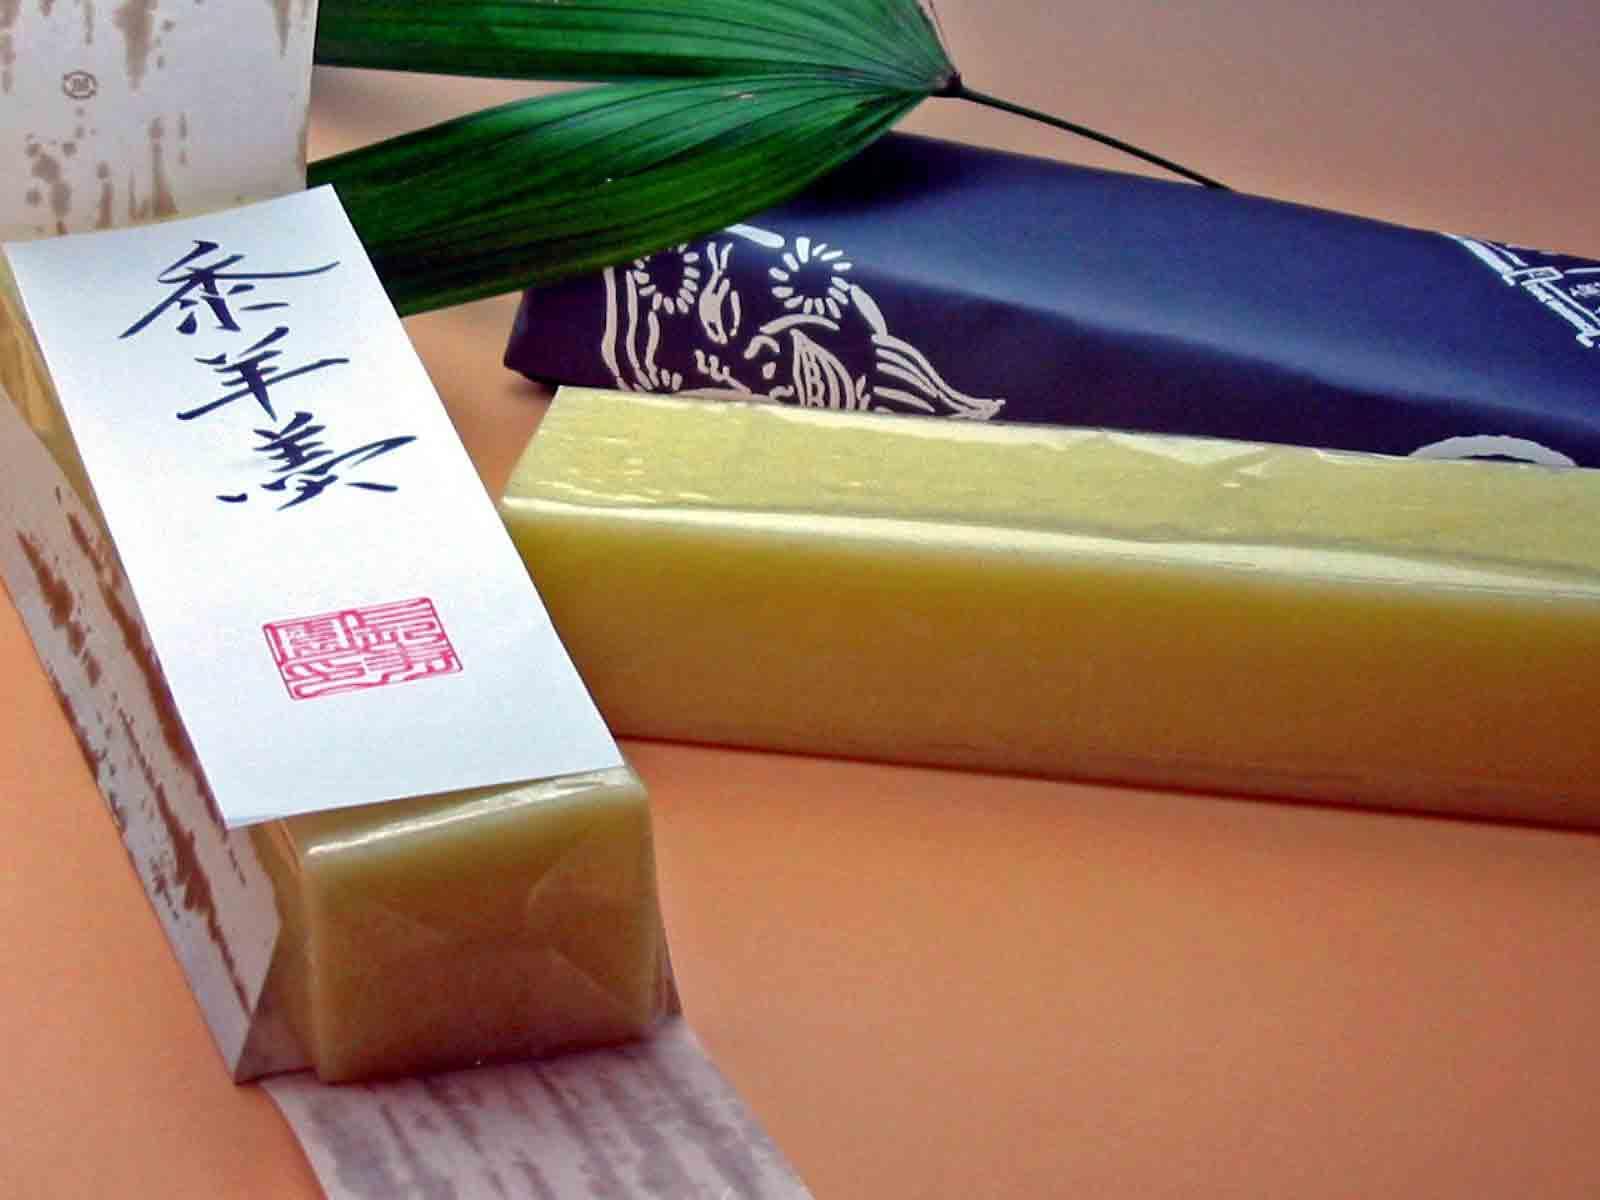 素朴な味わいの「黍(きび)ようかん1棹包み」